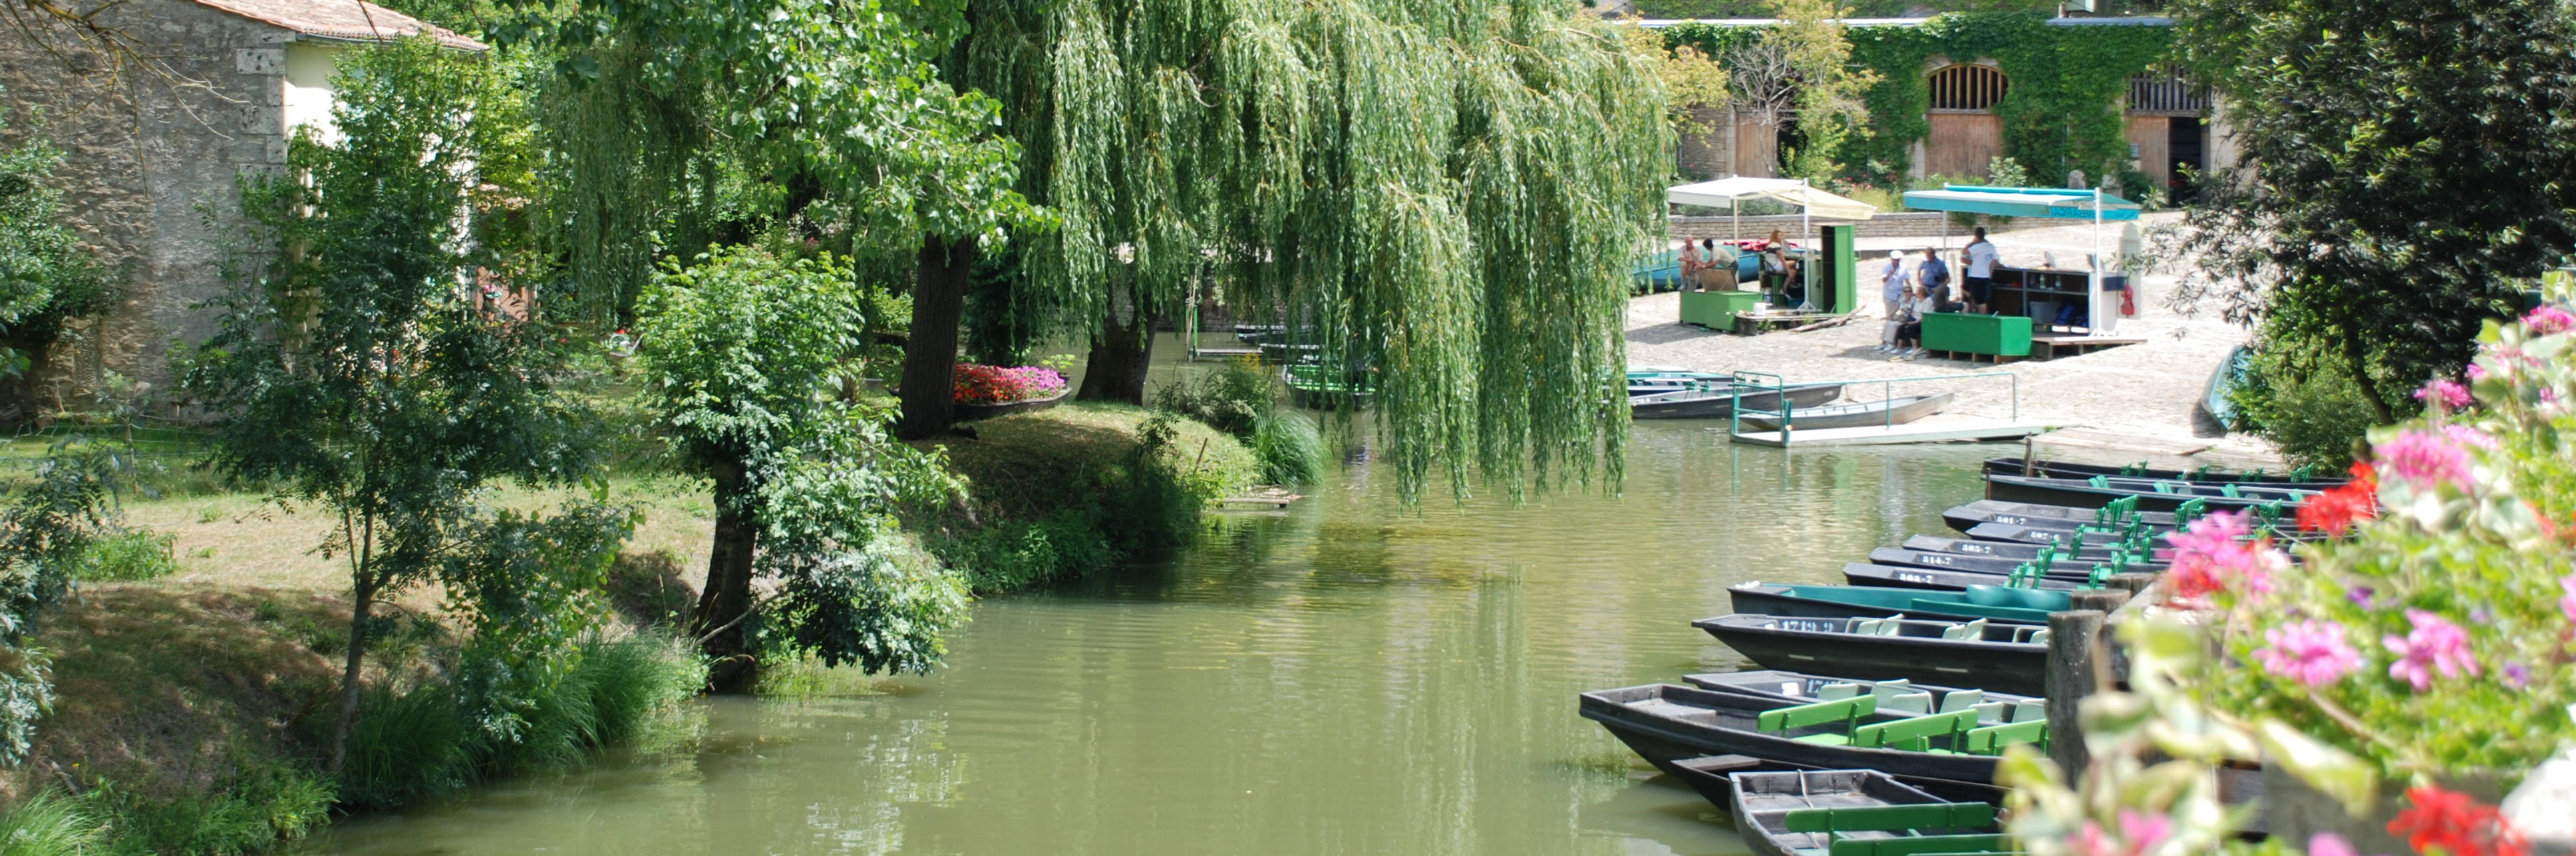 Visite d'Arçais, petit village maraichin de la Venise Verte